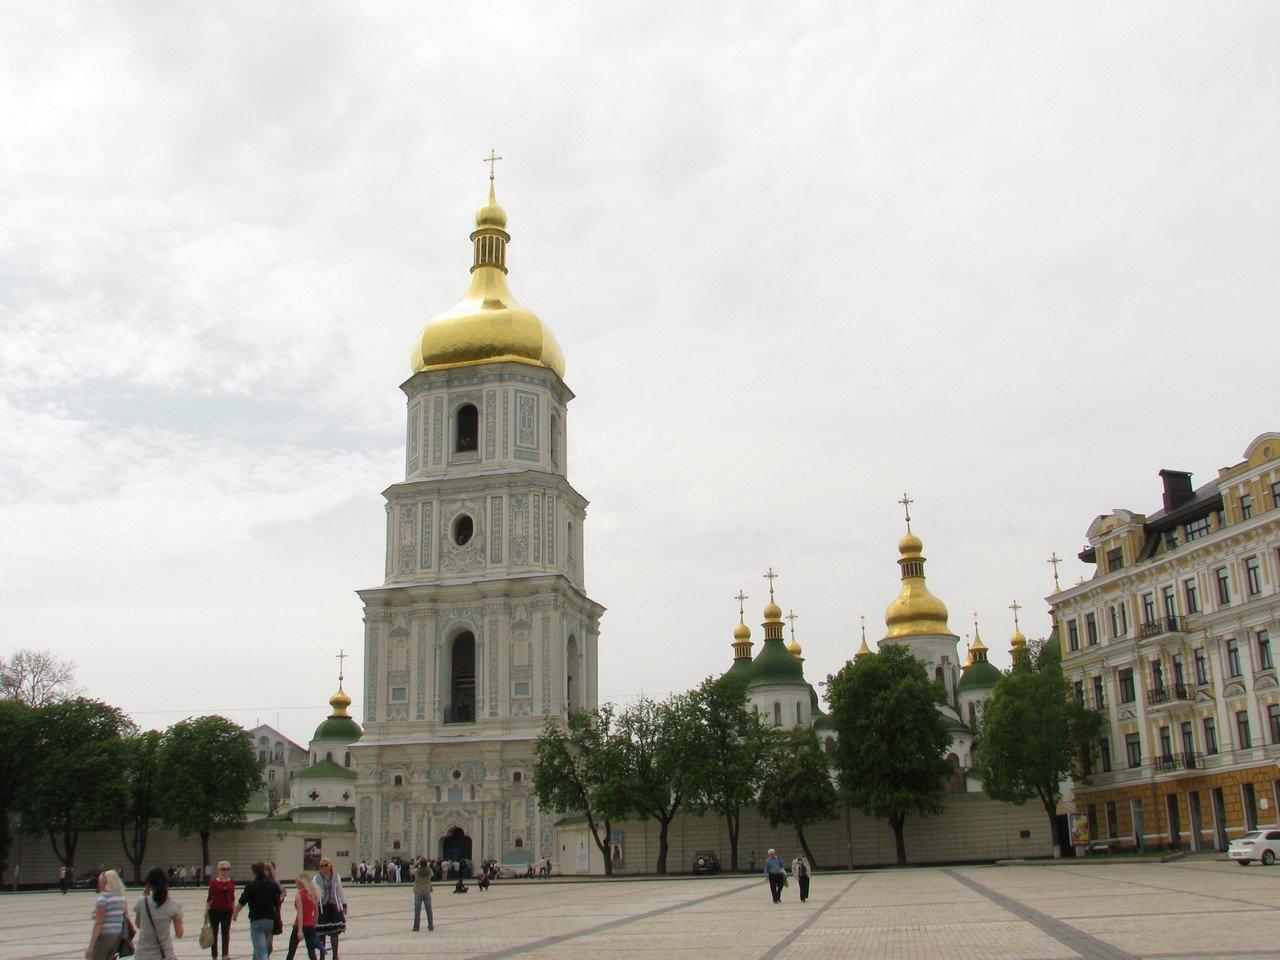 Софийская площадь и экскурсия на колокольню Софийского собора в Киеве